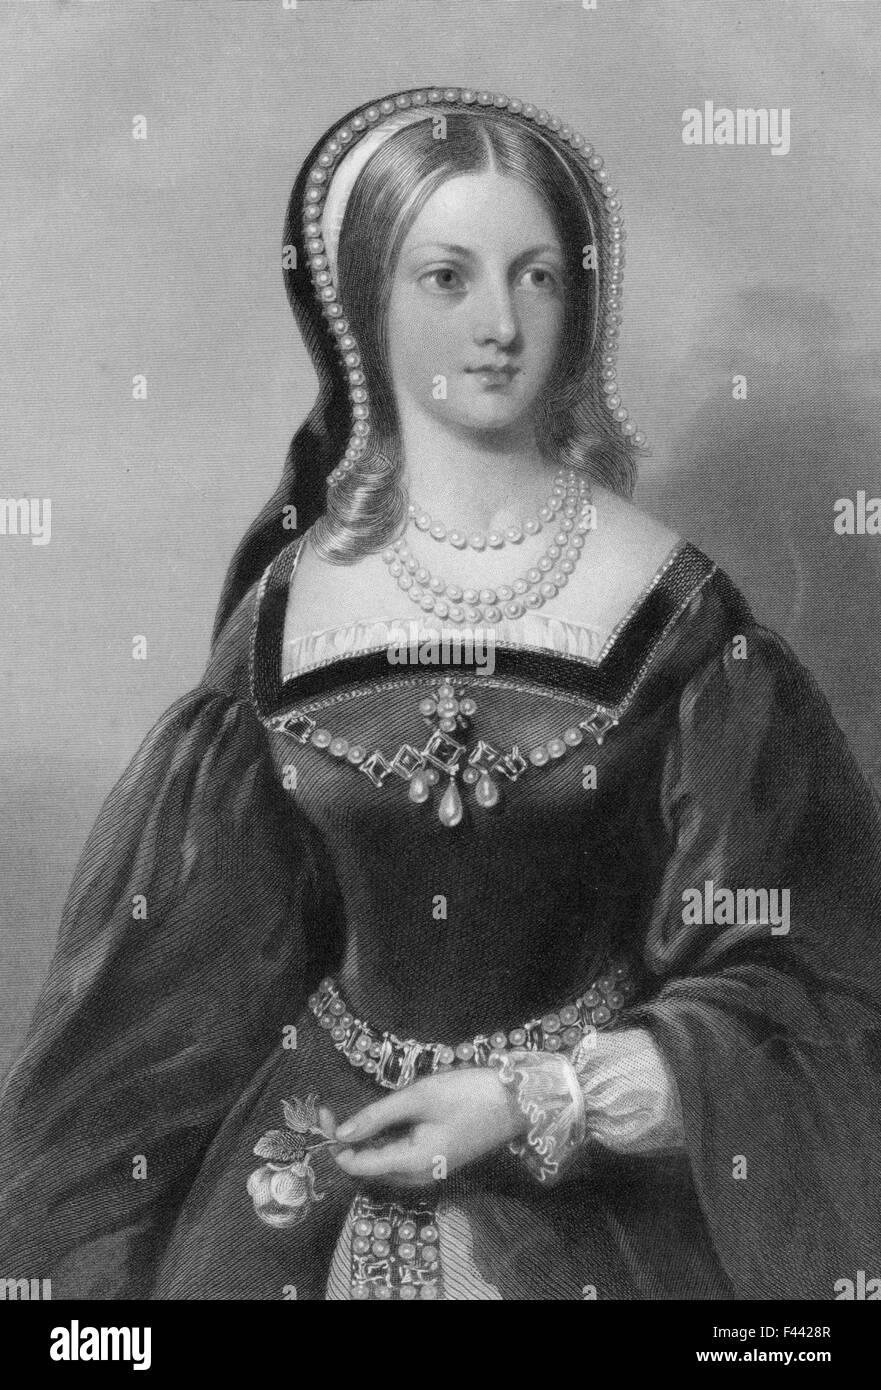 Lady Jane Grey Stockfoto